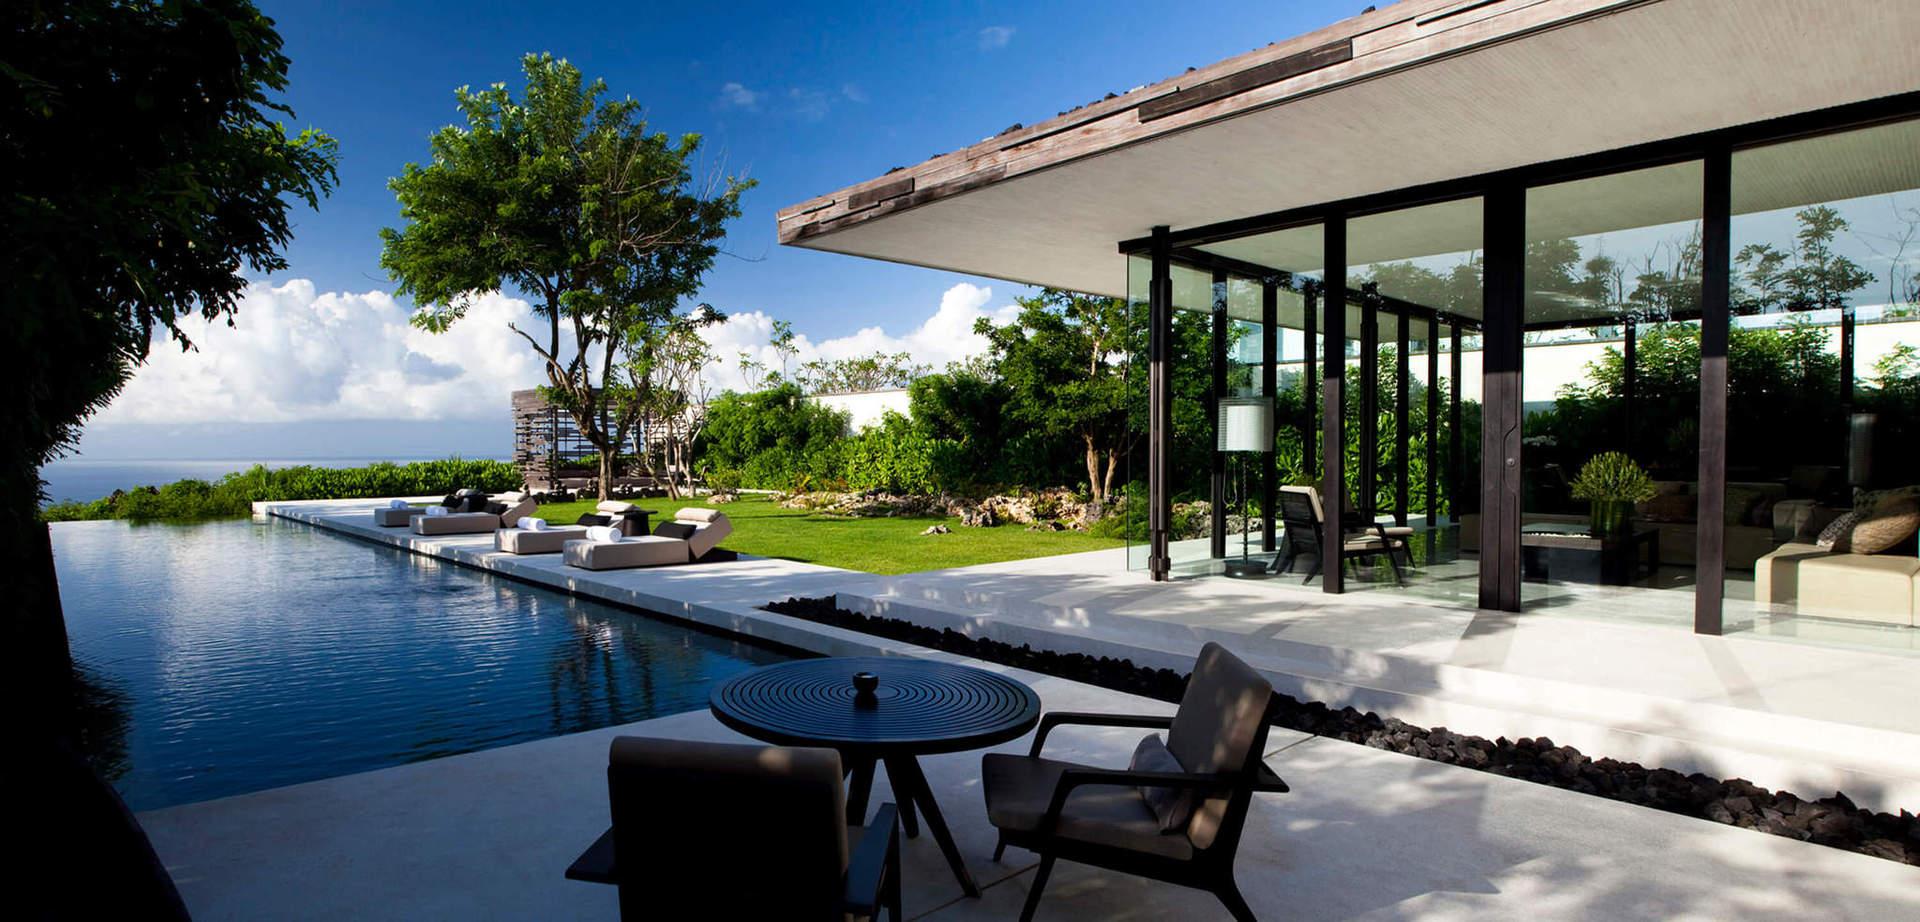 У готелі сповідують концепцію відповідального ставлення до навколишнього середовища і мають власну еко-дружню політику. Крім того, підтримують дизайнерські рішення, які не шкодять навколишньому середовищу